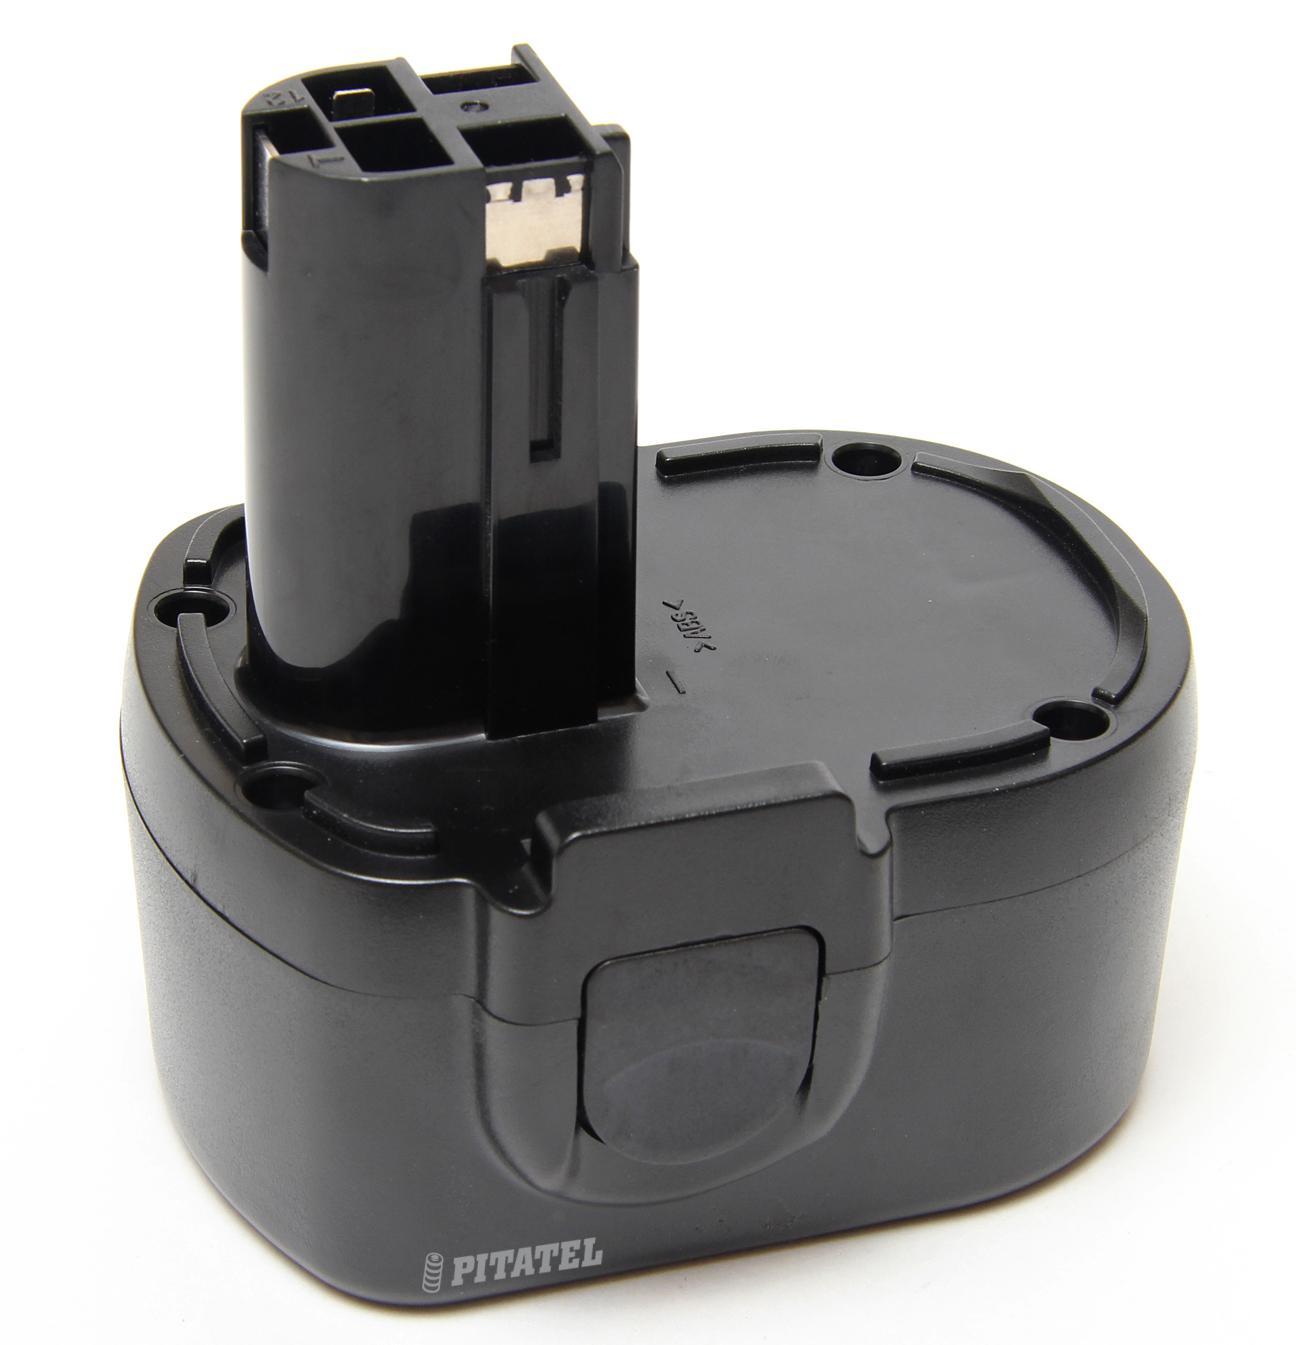 Аккумулятор Pitatel Tsb-166-ski12a-15c батарея аккумуляторная pitatel tsb 033 mak18a 15c